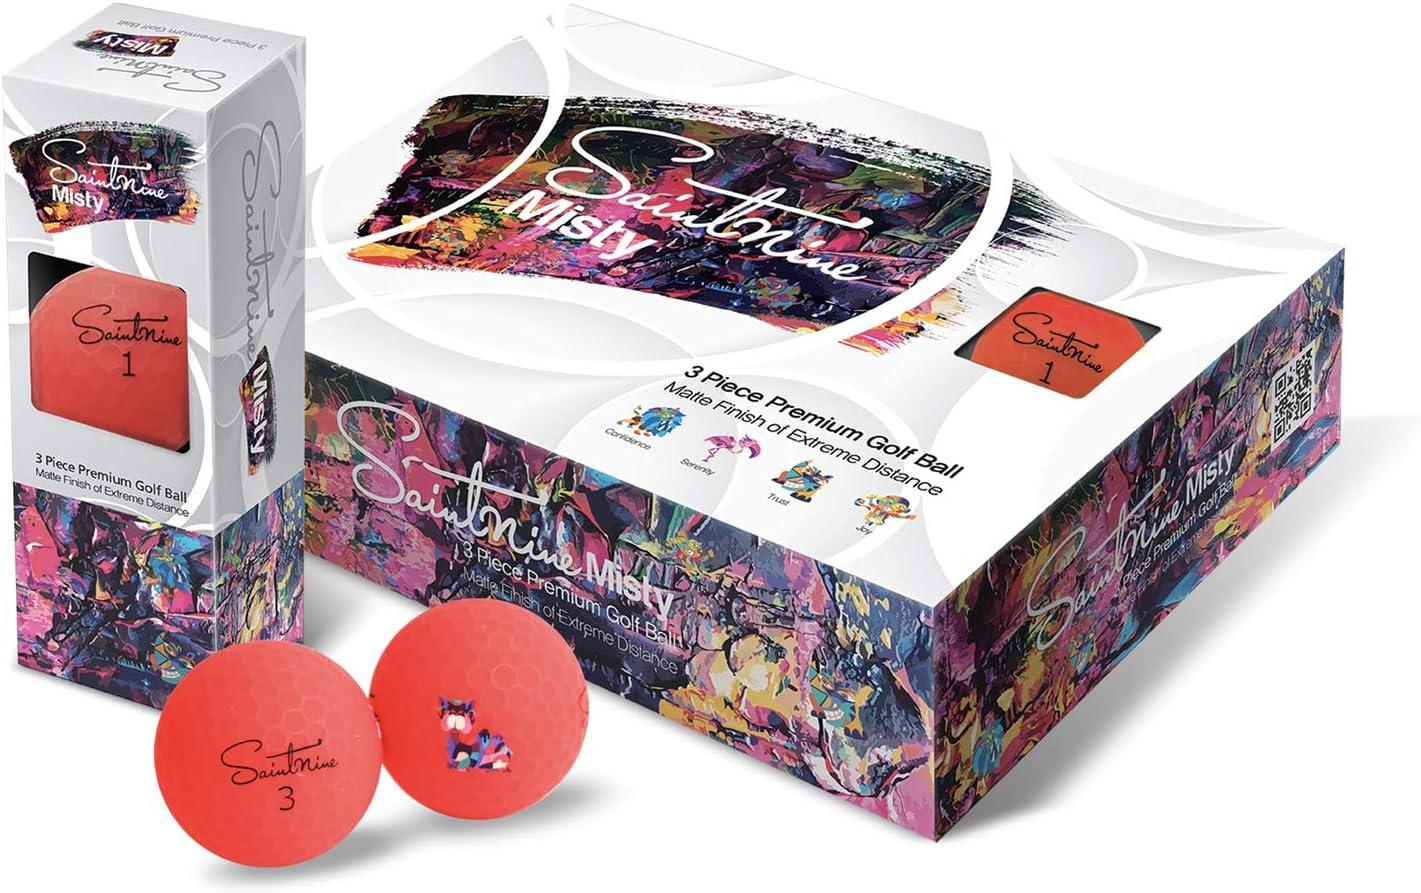 SAINTNINE Misty Golf One Dozen Balls Popular popular Discount mail order